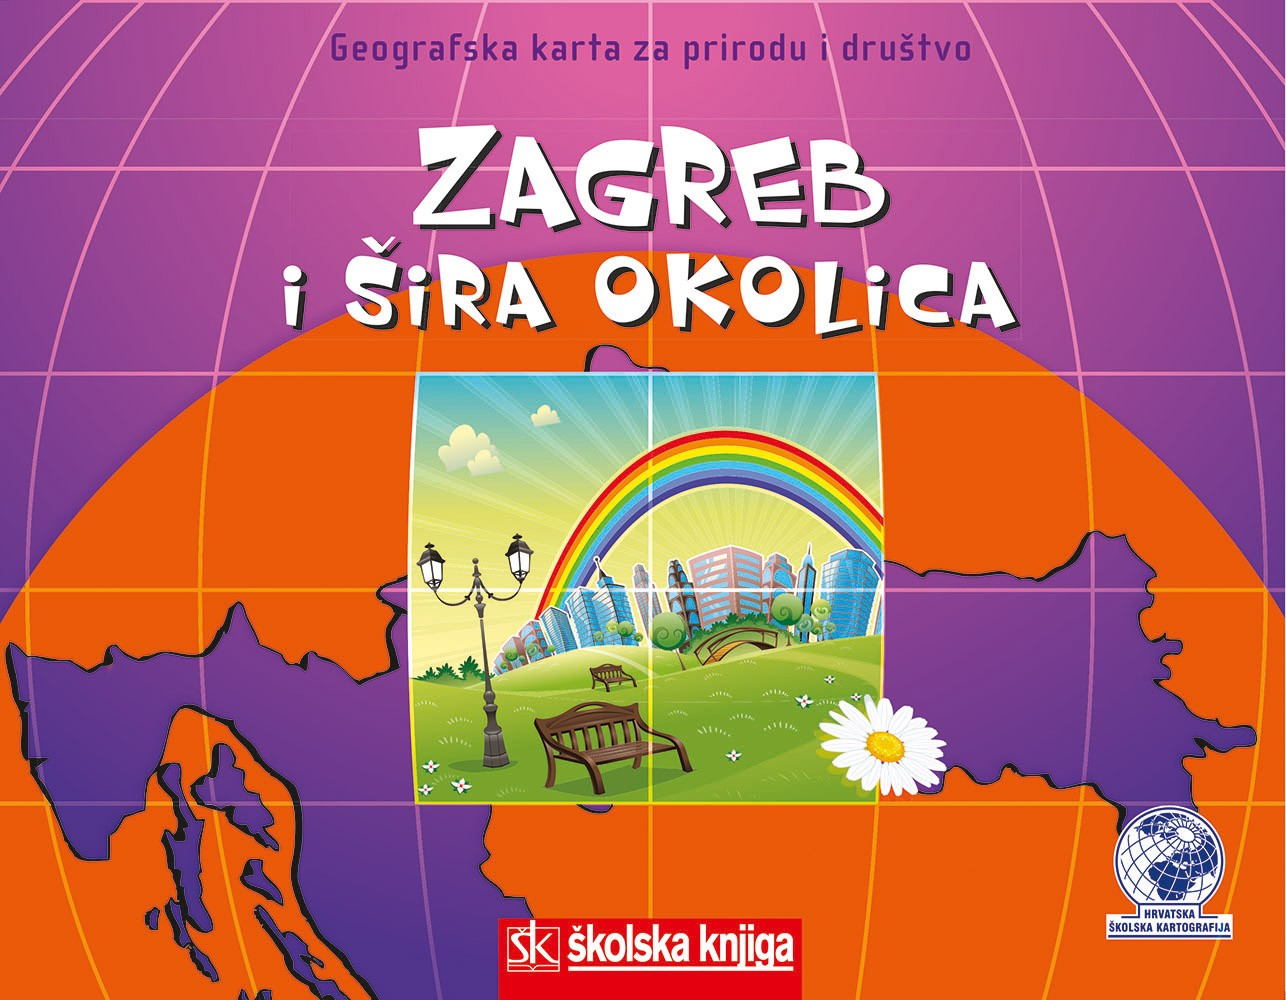 Zagreb i šira okolica